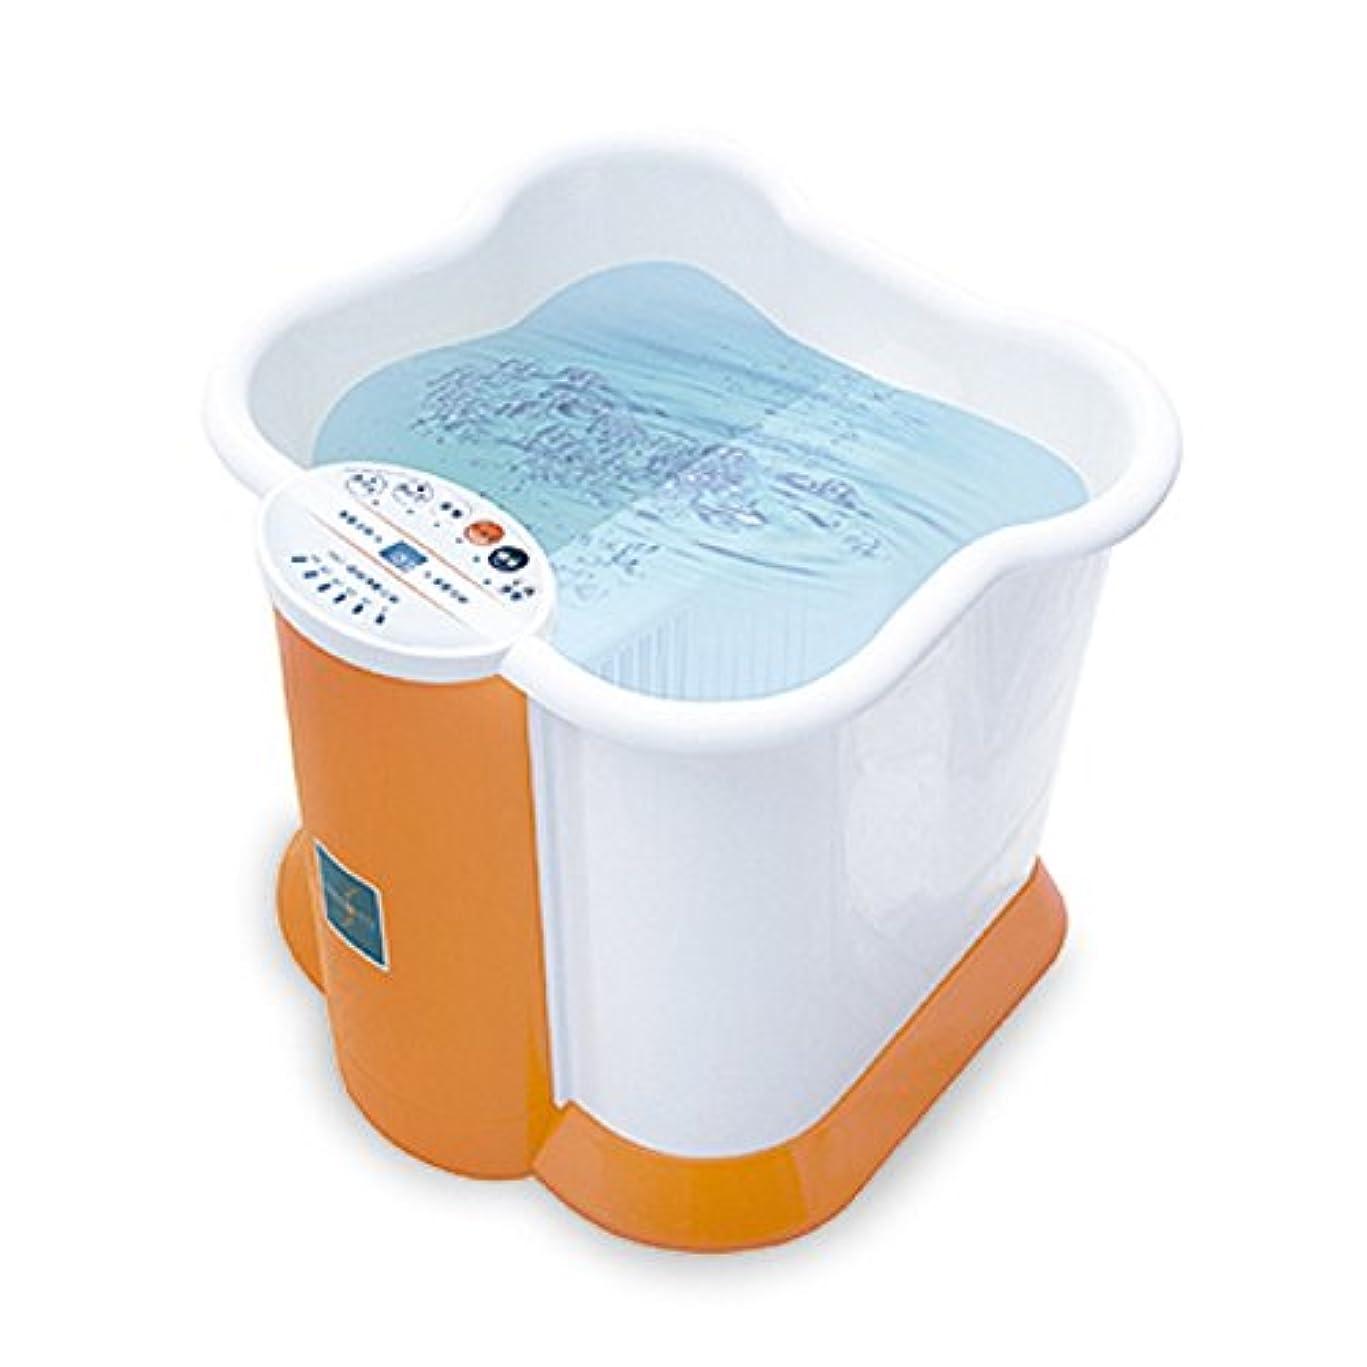 ビル休日に請う深型 足湯 フットバス Ashiyu foot Spa KS-N1010 保温 バブル